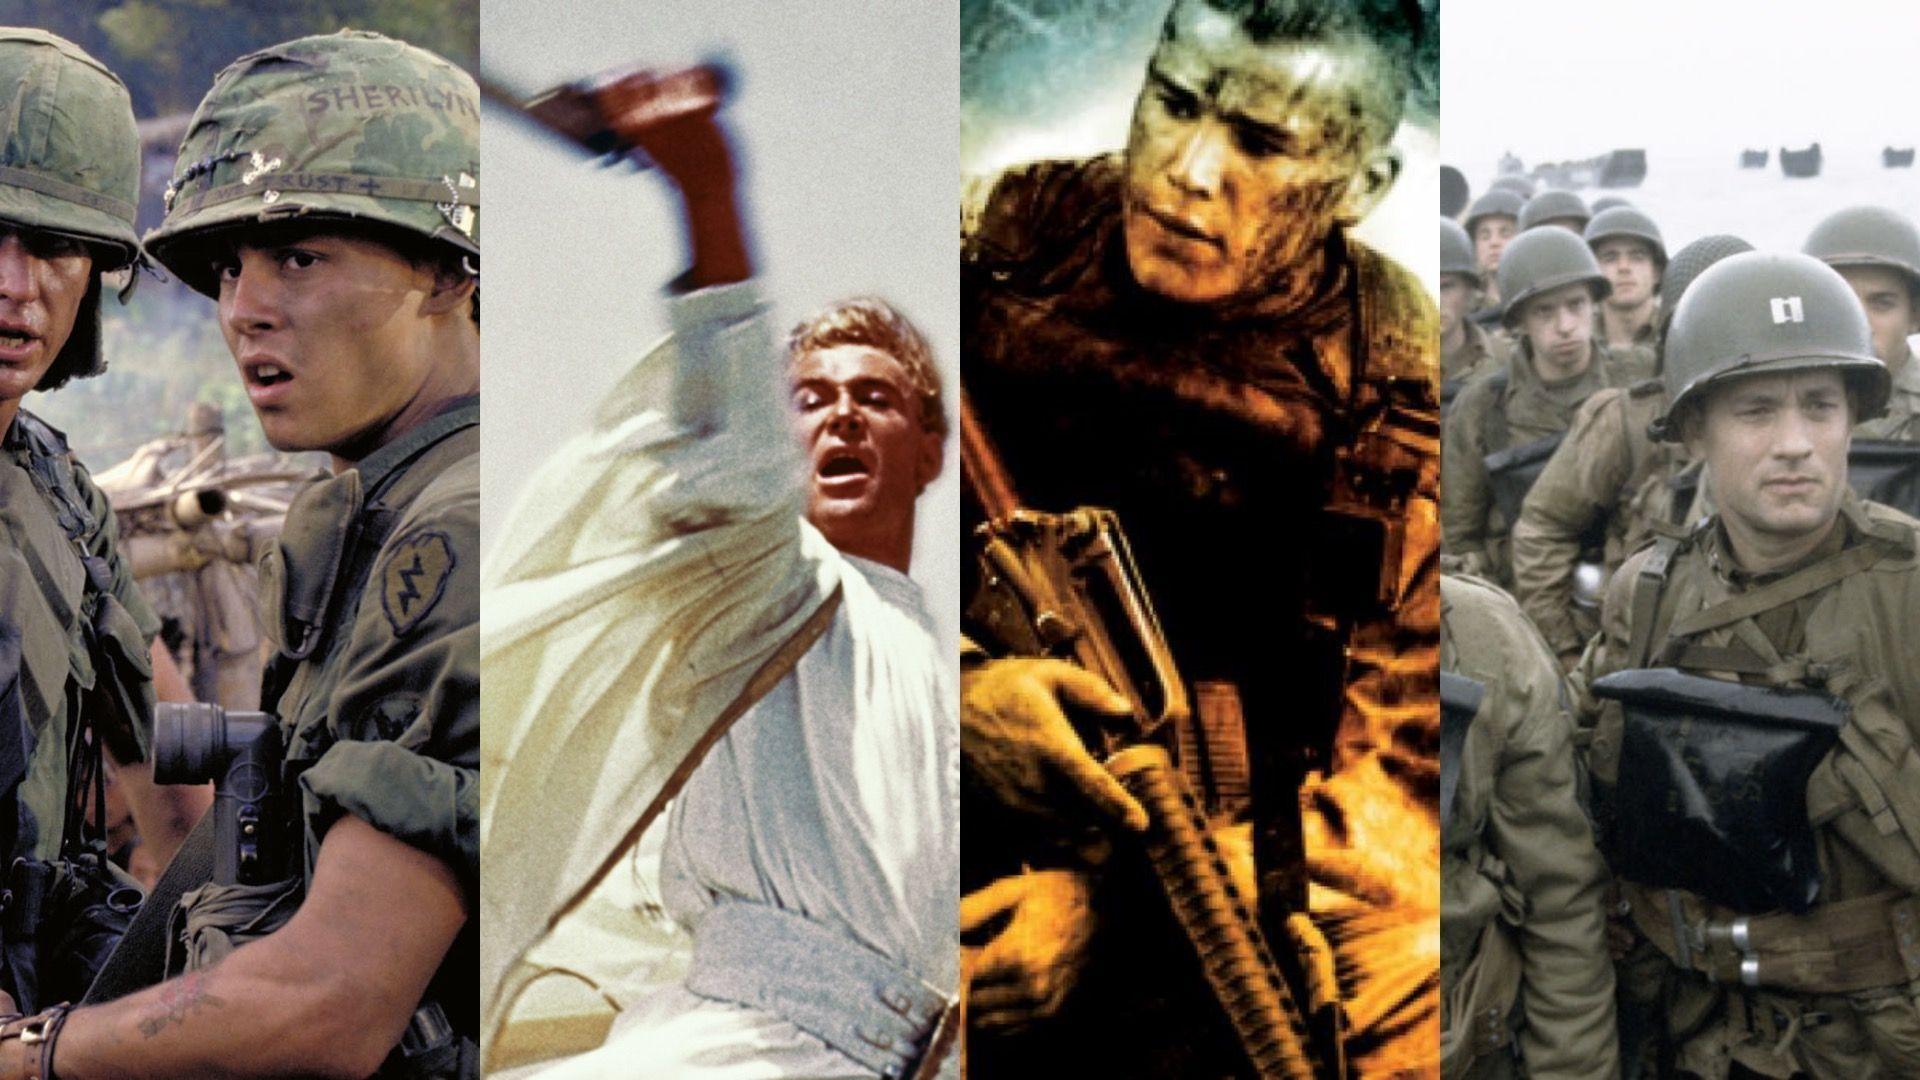 Las 25 Mejores Películas Bélicas De Guerra De Todos Los Tiempos Actualizado 2021 1 3 2021 Vandal Random